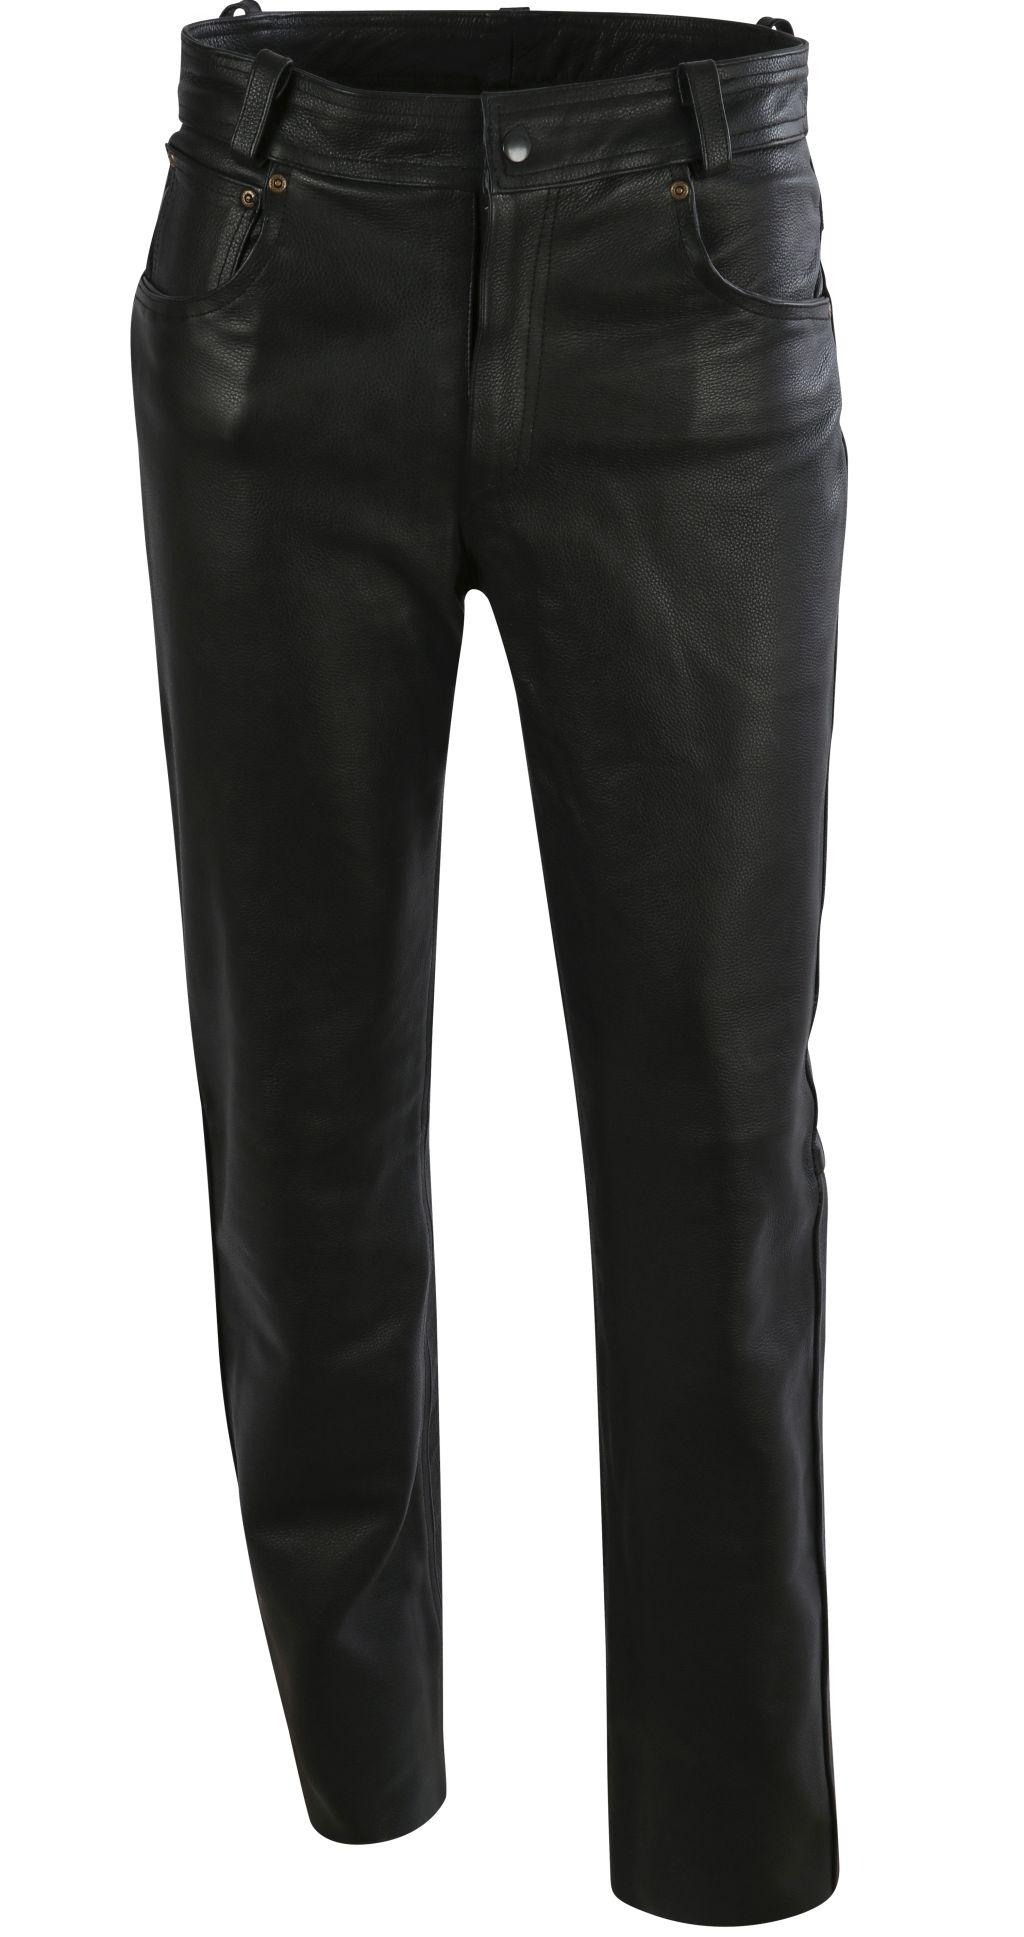 Bangla Lederhose Elegante Lederjeans Biker Jeans Schwarz 29 - 34 inch